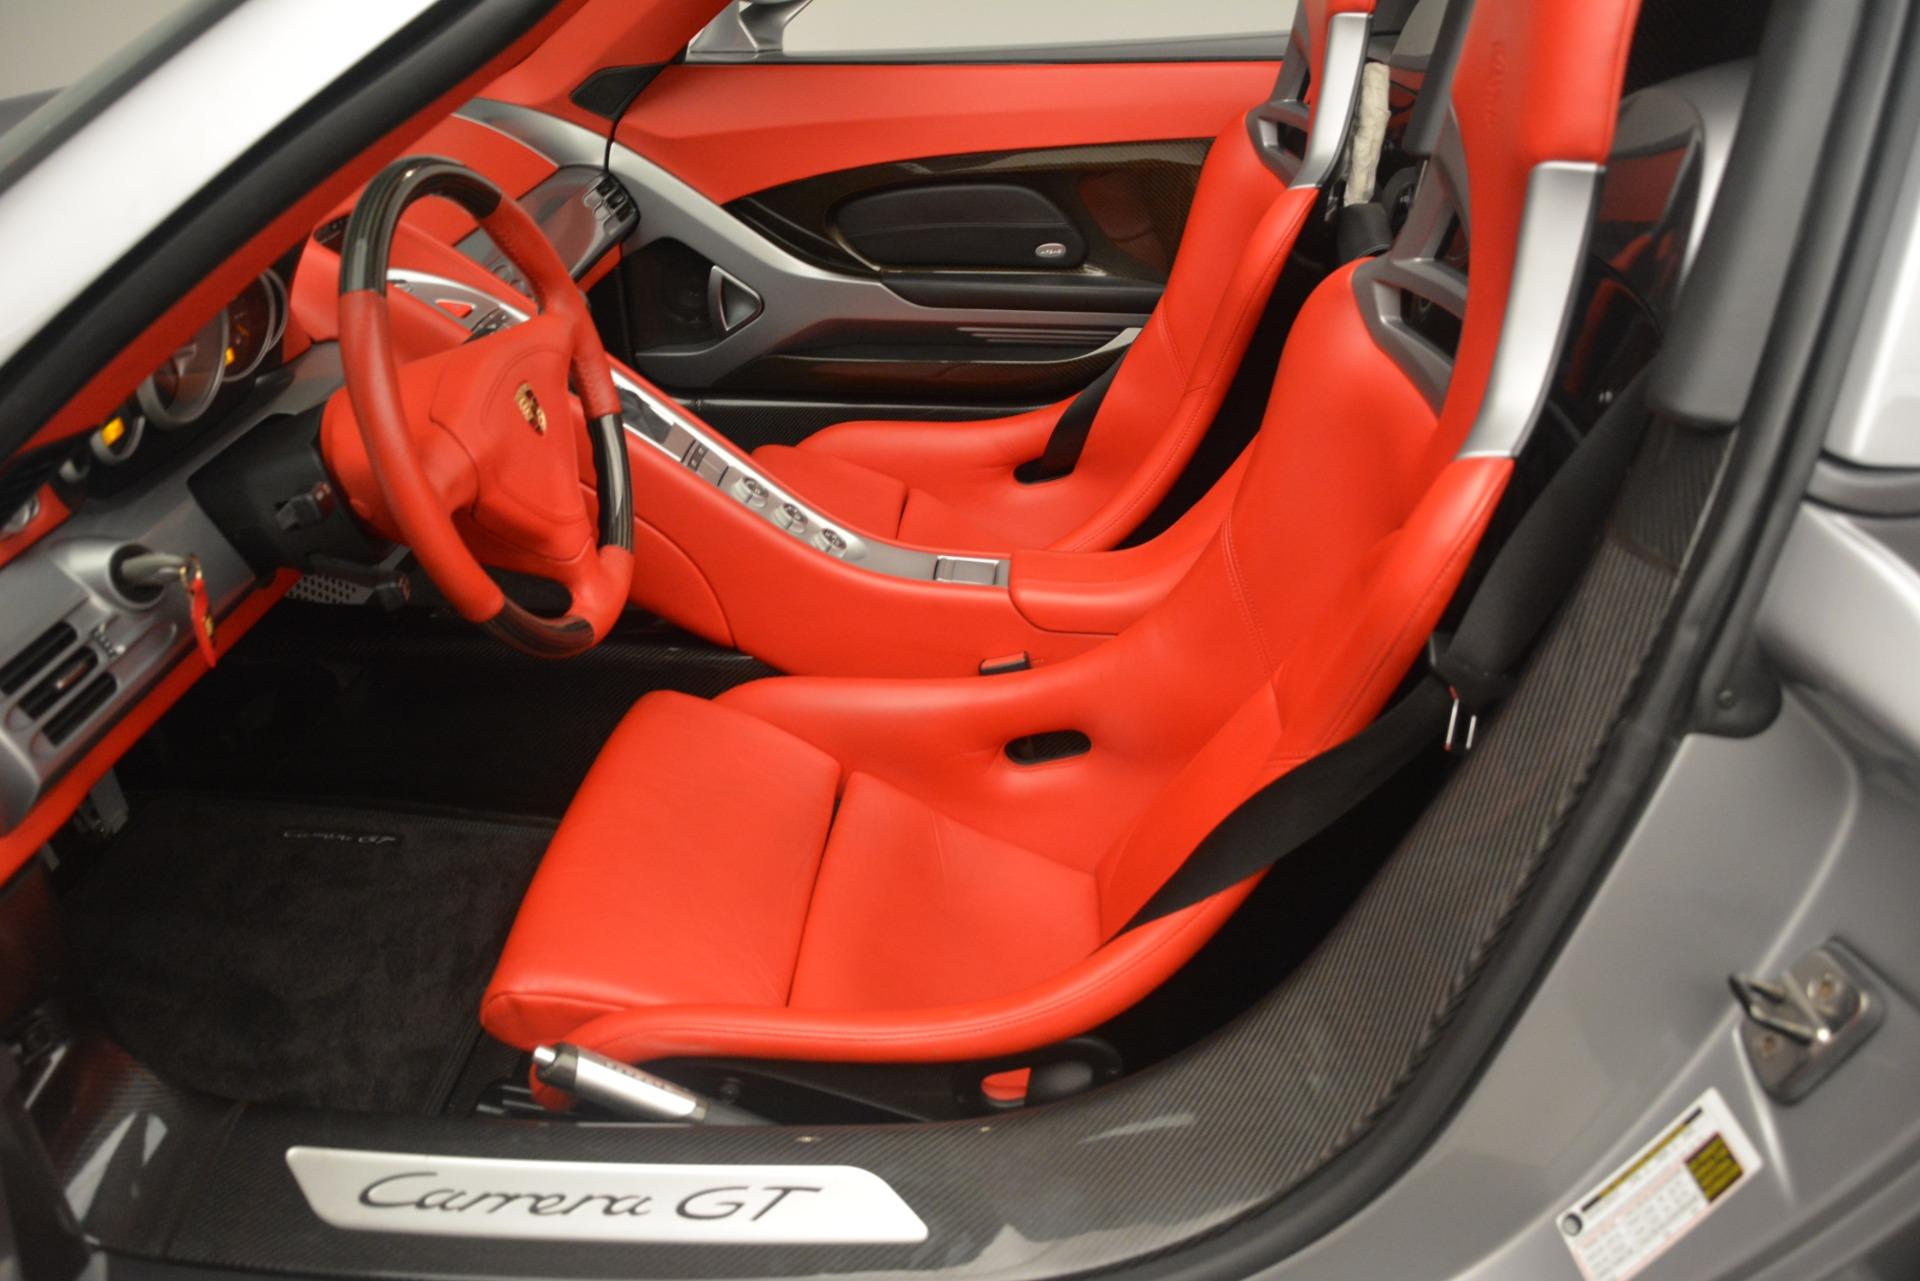 Used 2005 Porsche Carrera GT  For Sale In Westport, CT 3161_p24